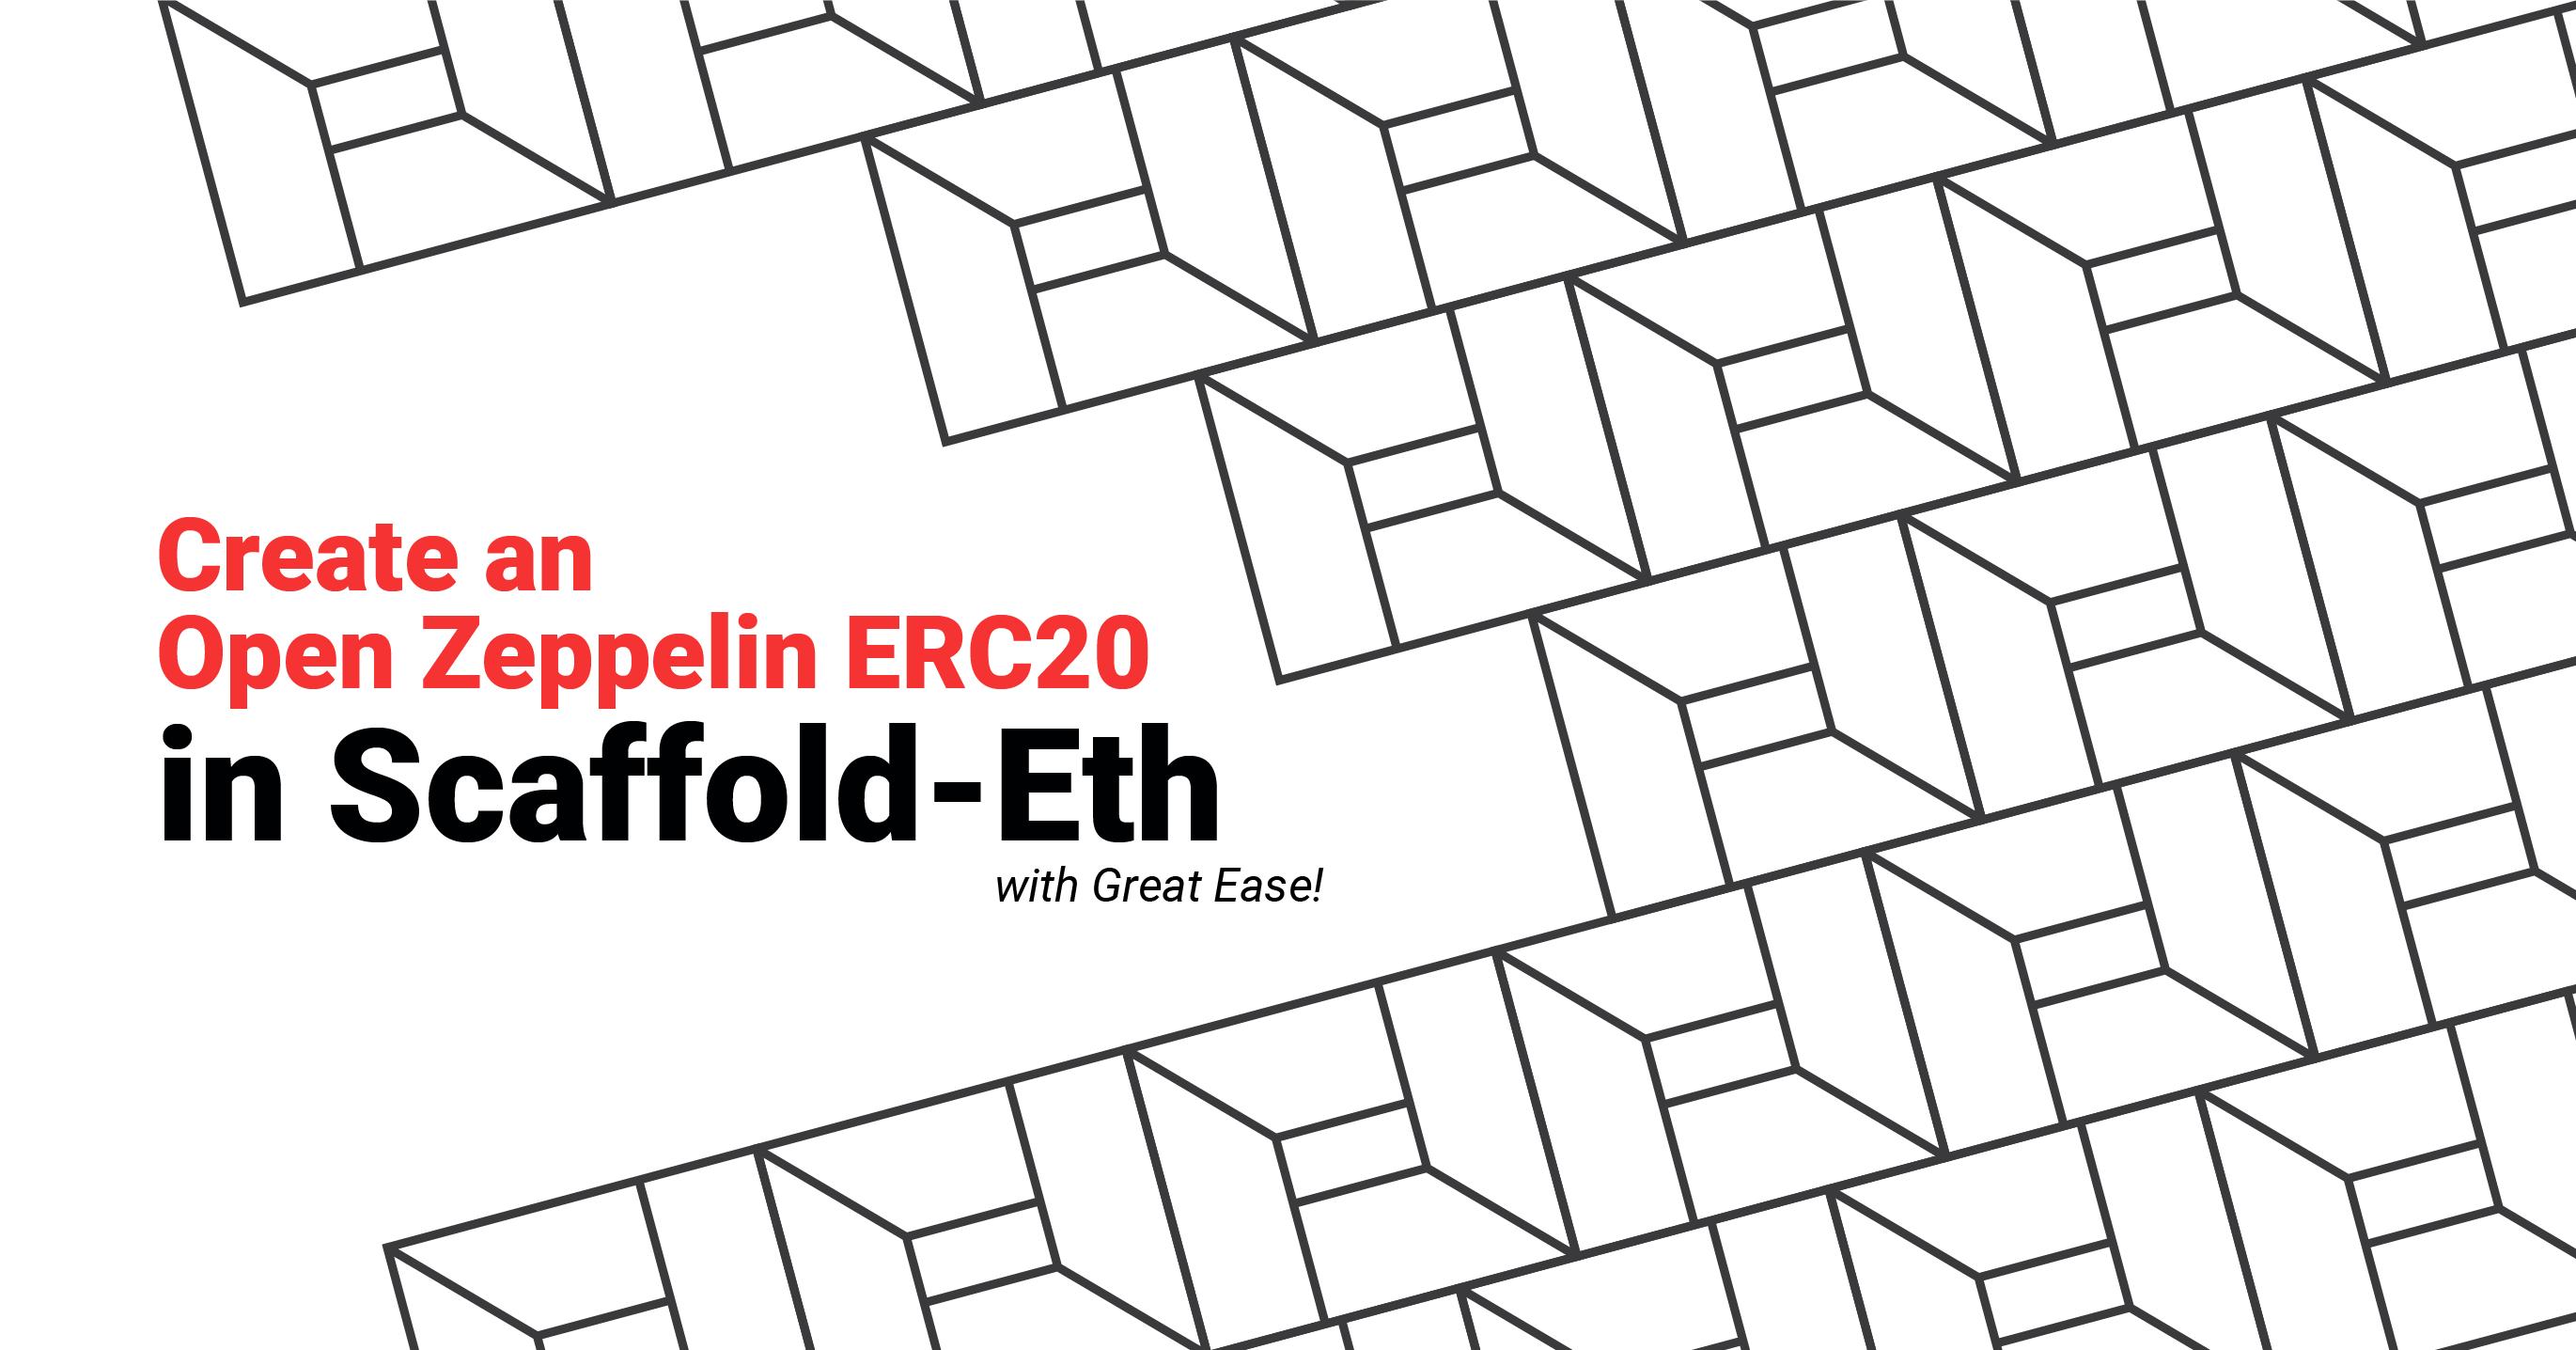 Create an Open Zeppelin ERC20 in Scaffold-Eth With Great Ease